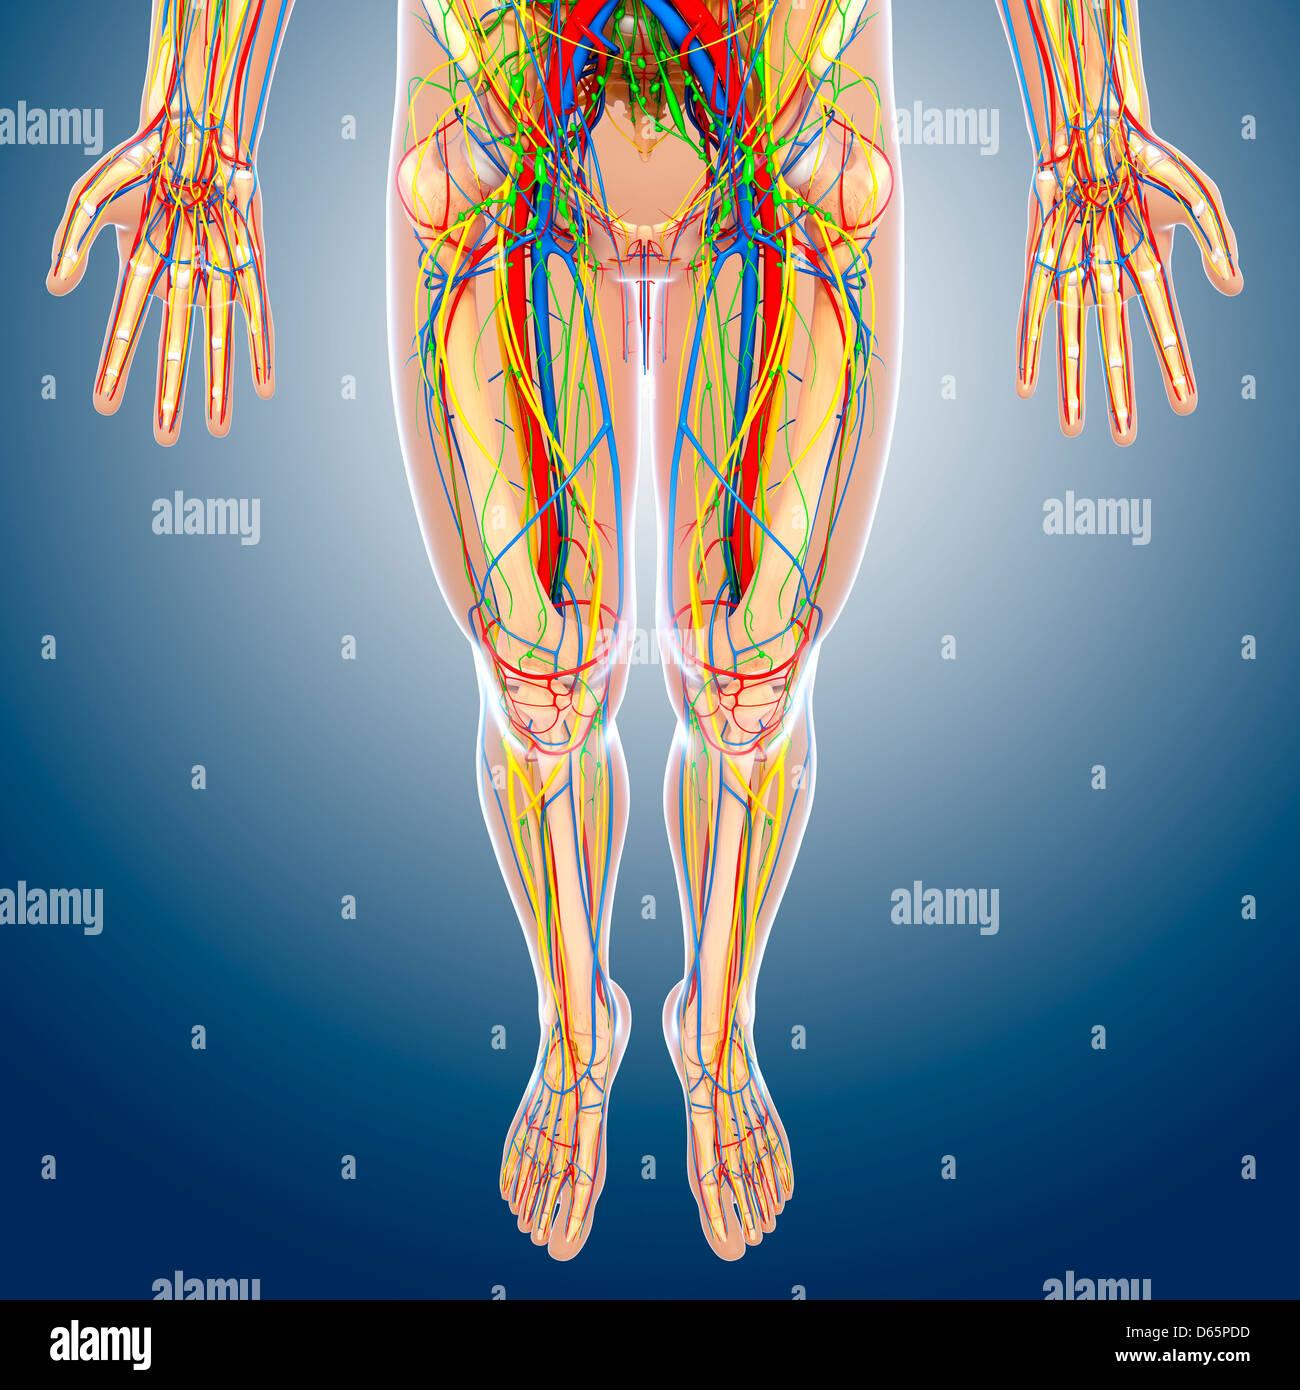 Lower body anatomy, artwork Stock Photo: 55446425 - Alamy